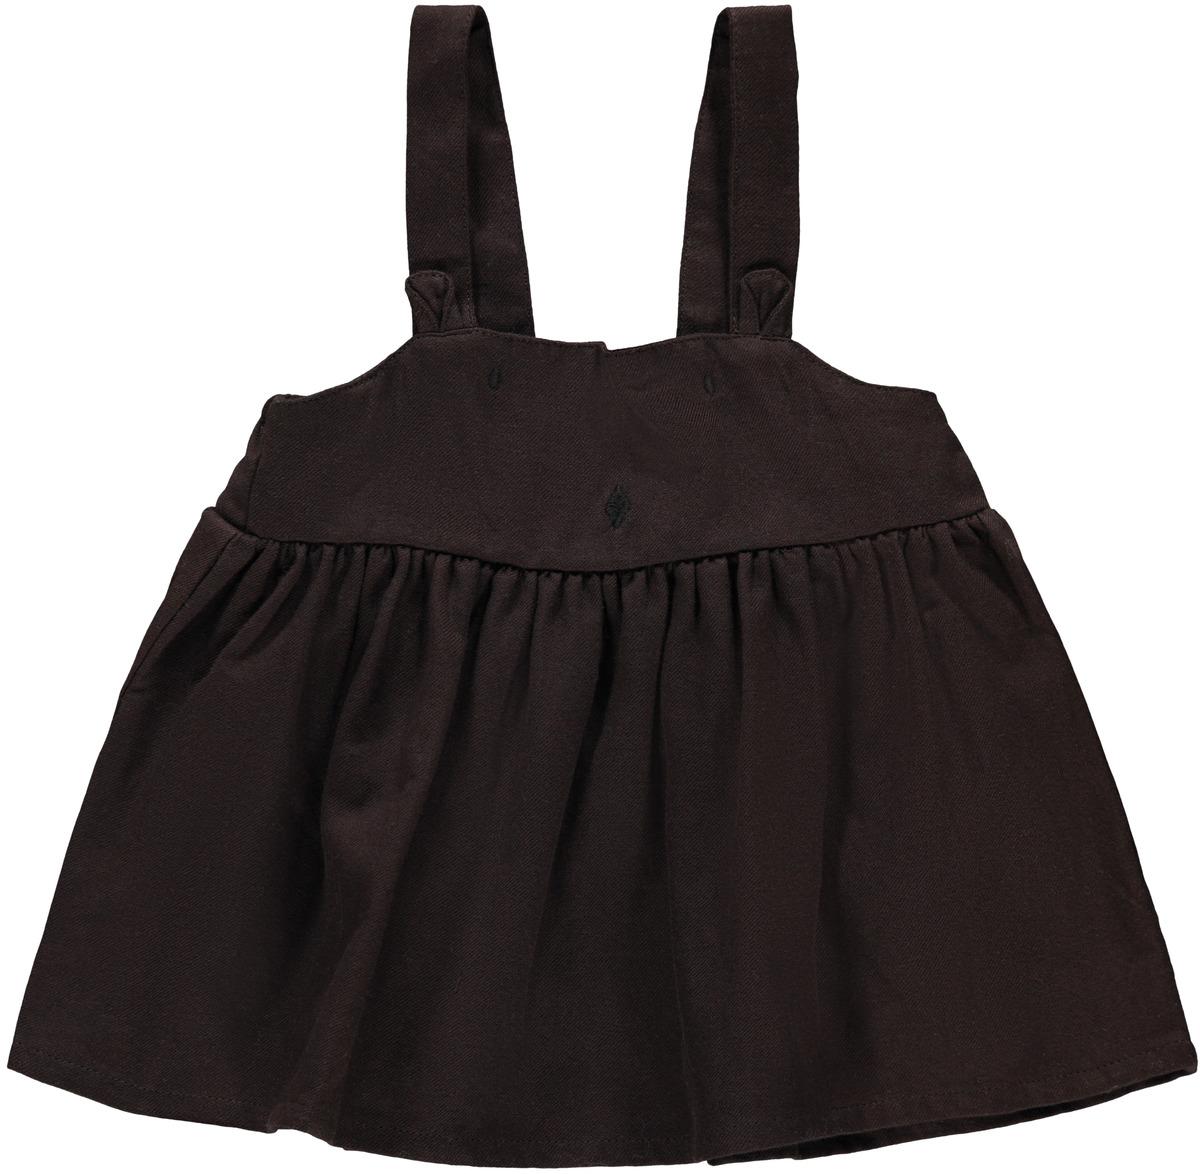 Brun kjole baby